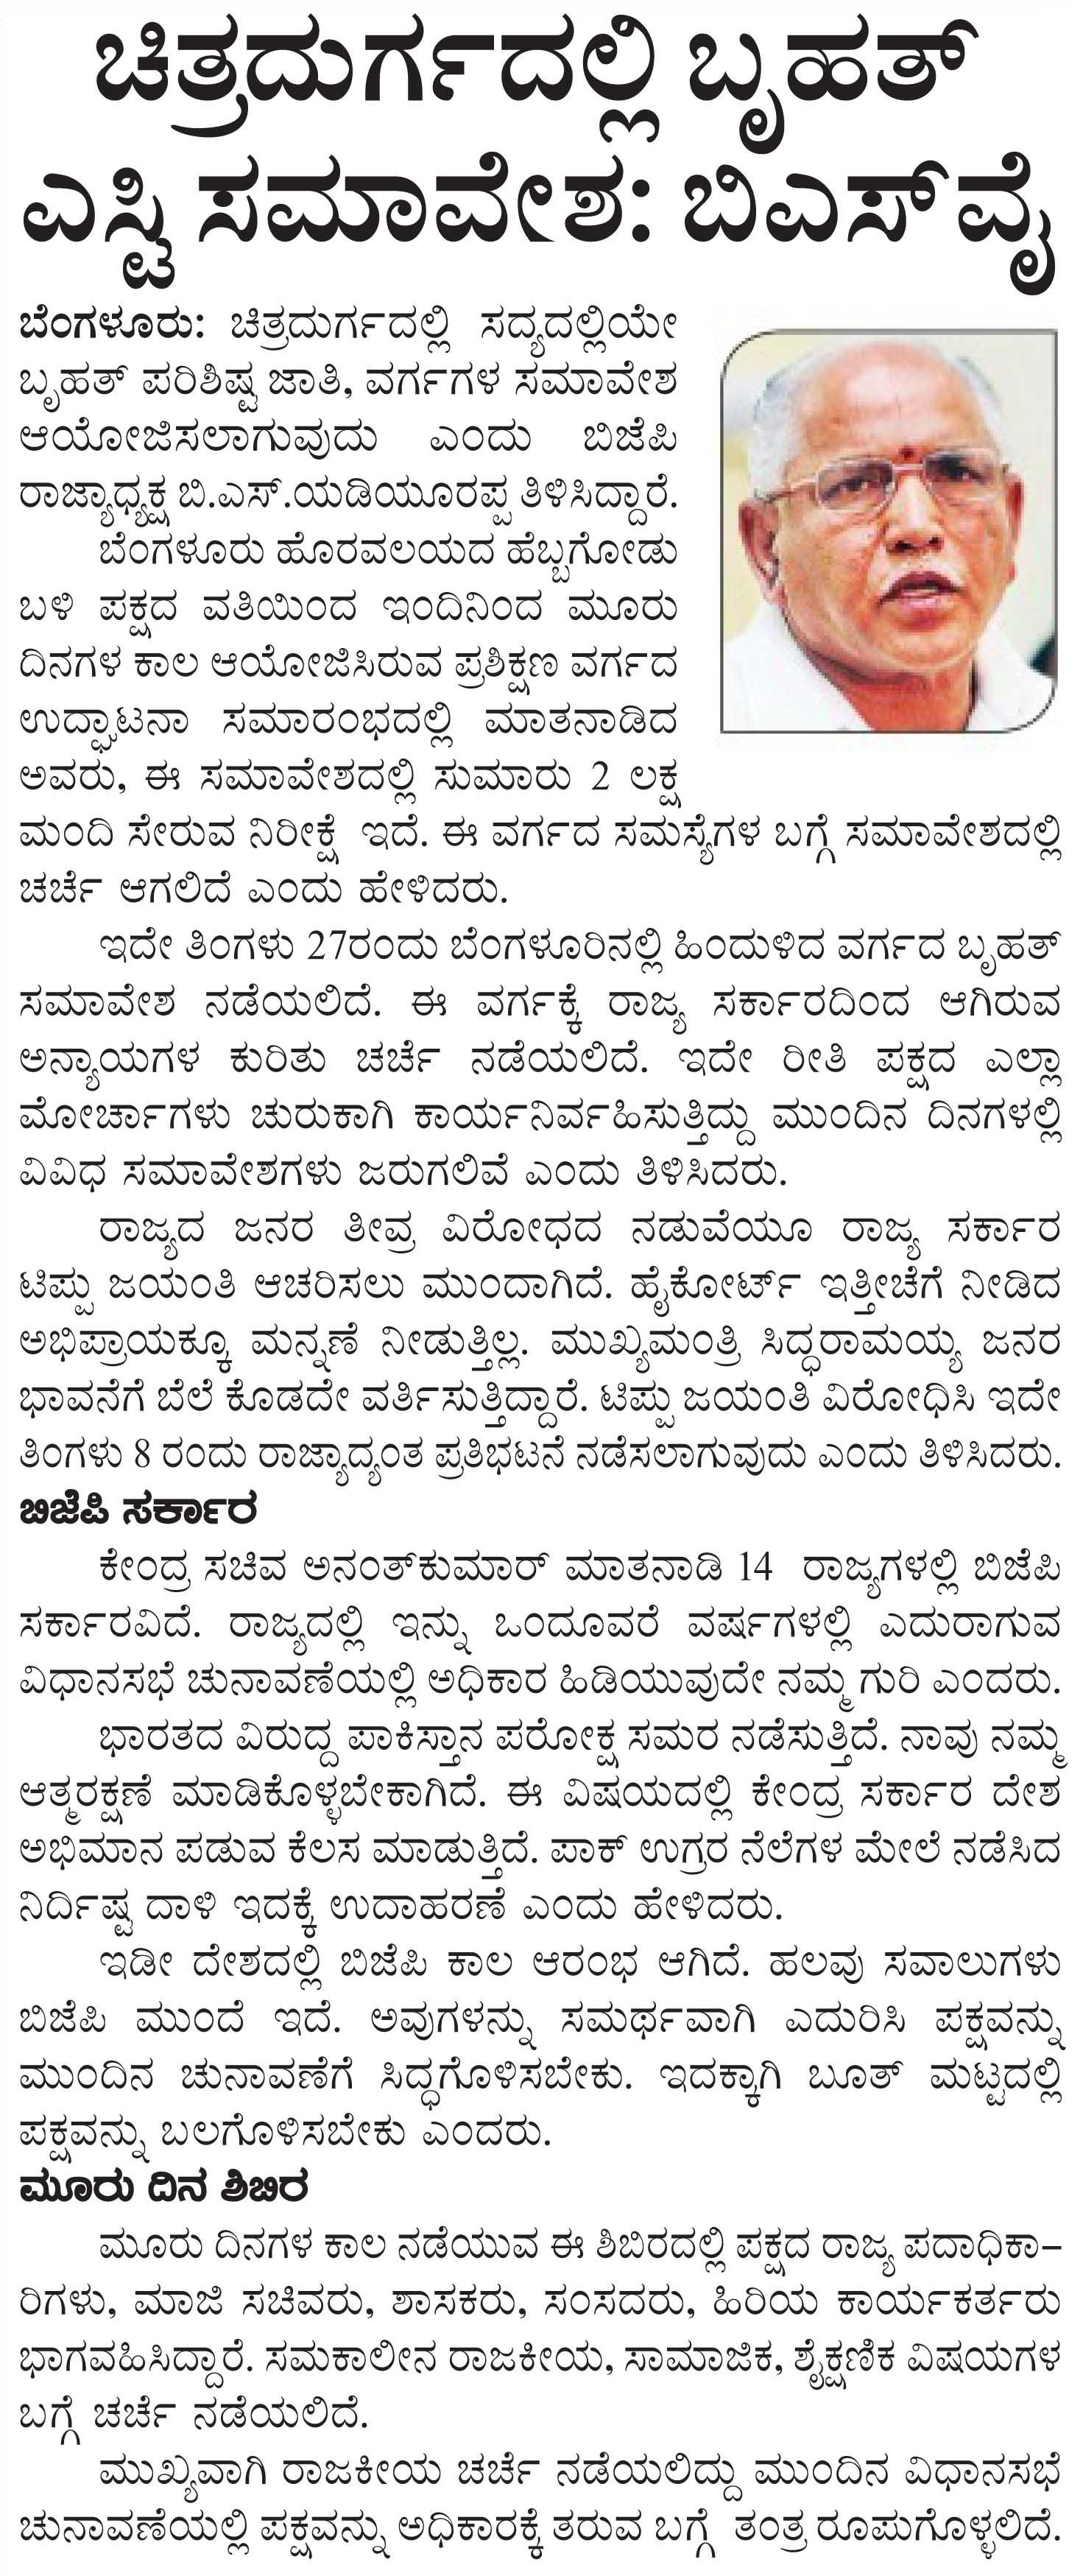 ಸಂಯುಕ್ತ ಕರ್ನಾಟಕ 4-11-2016 , ಪುಟ 10